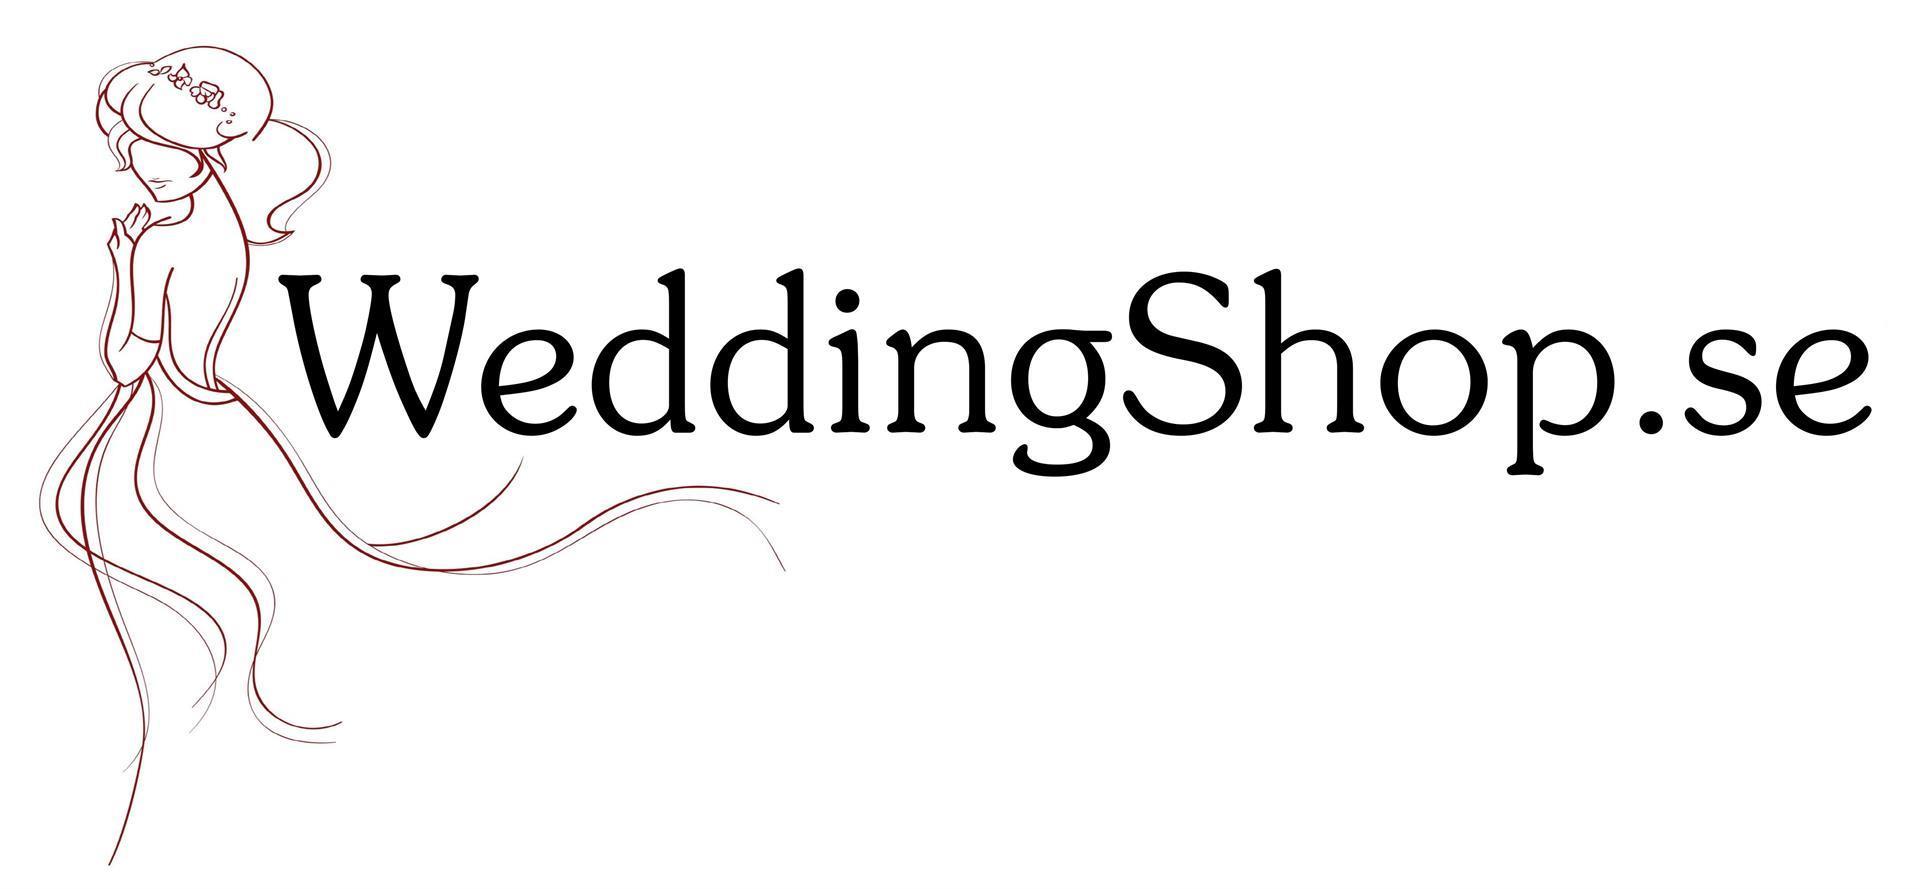 Weddingshop.se